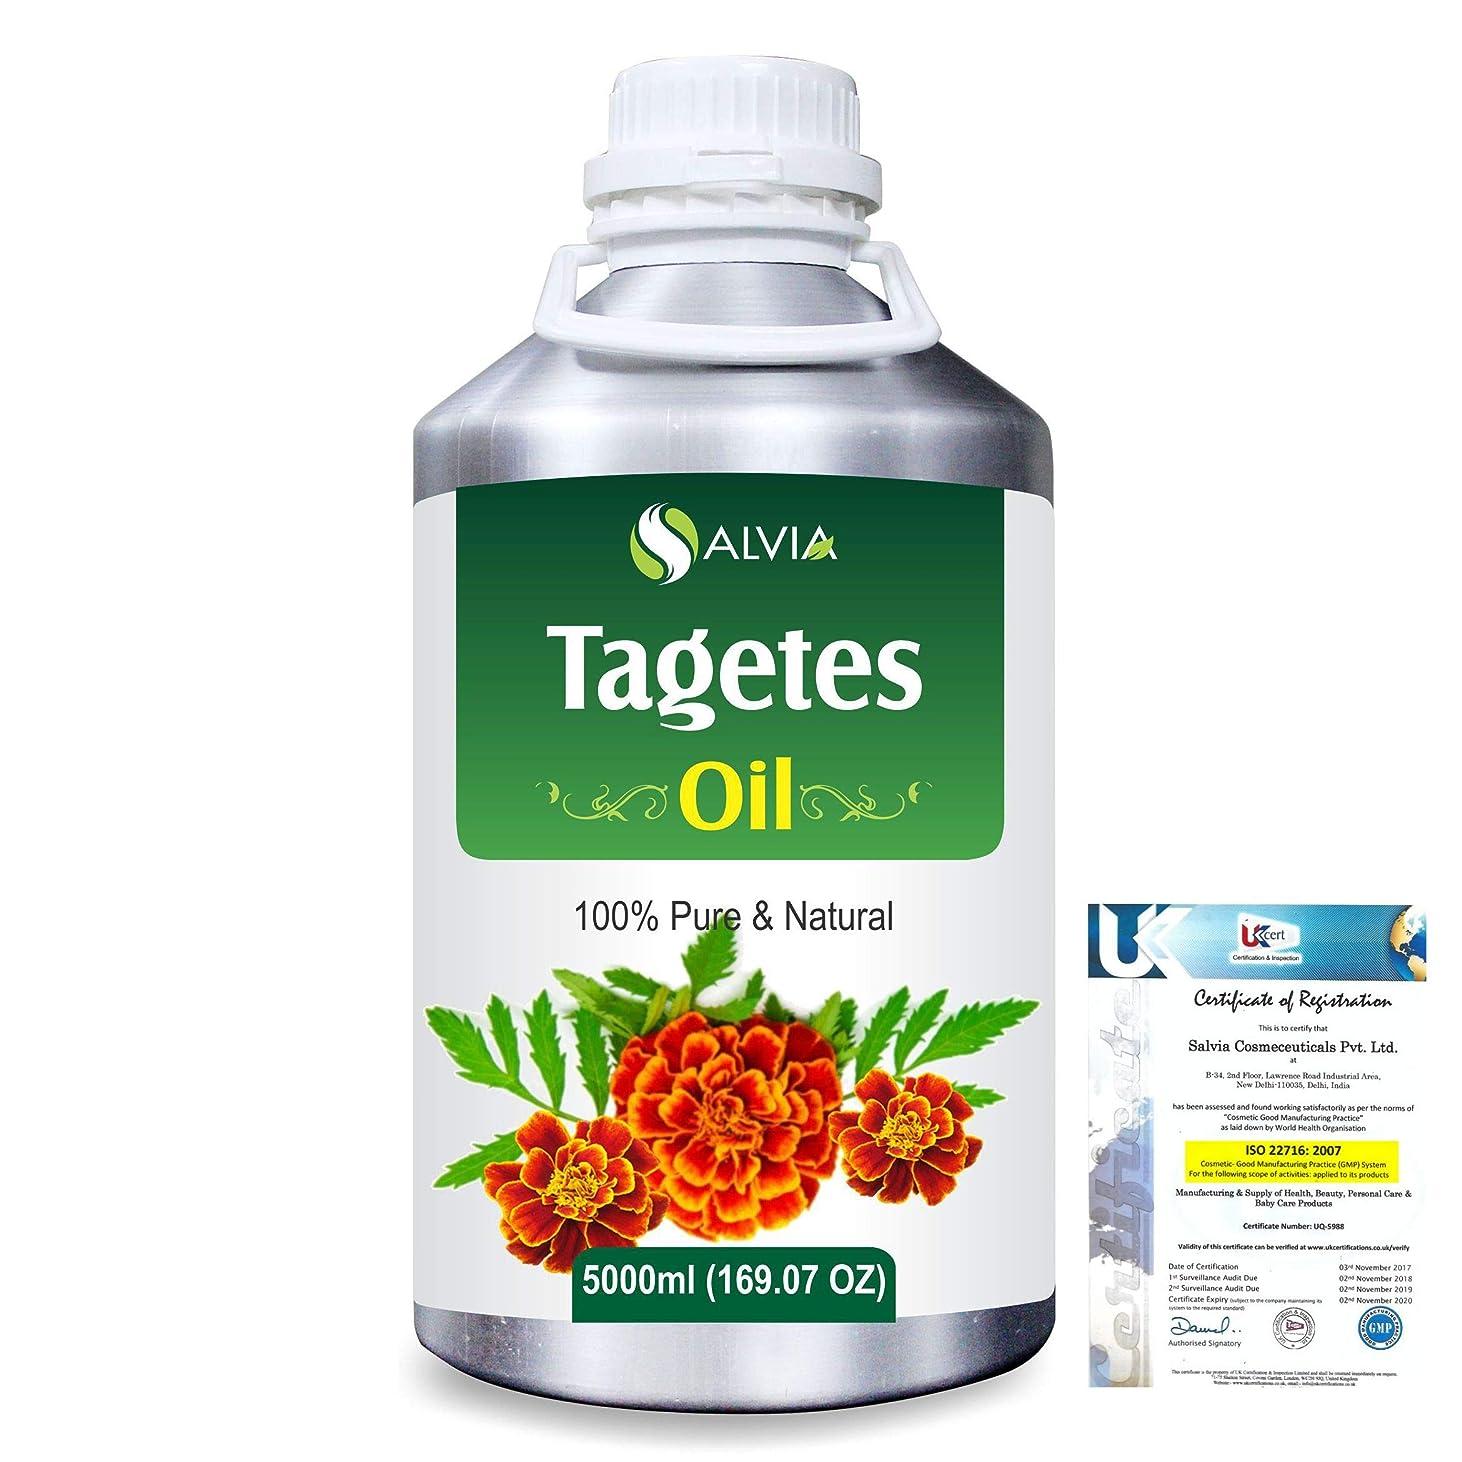 ラダスロー逮捕Tagetes (Tagetes Minuta) 100% Pure Natural Essential Oil 5000ml/169 fl.oz.